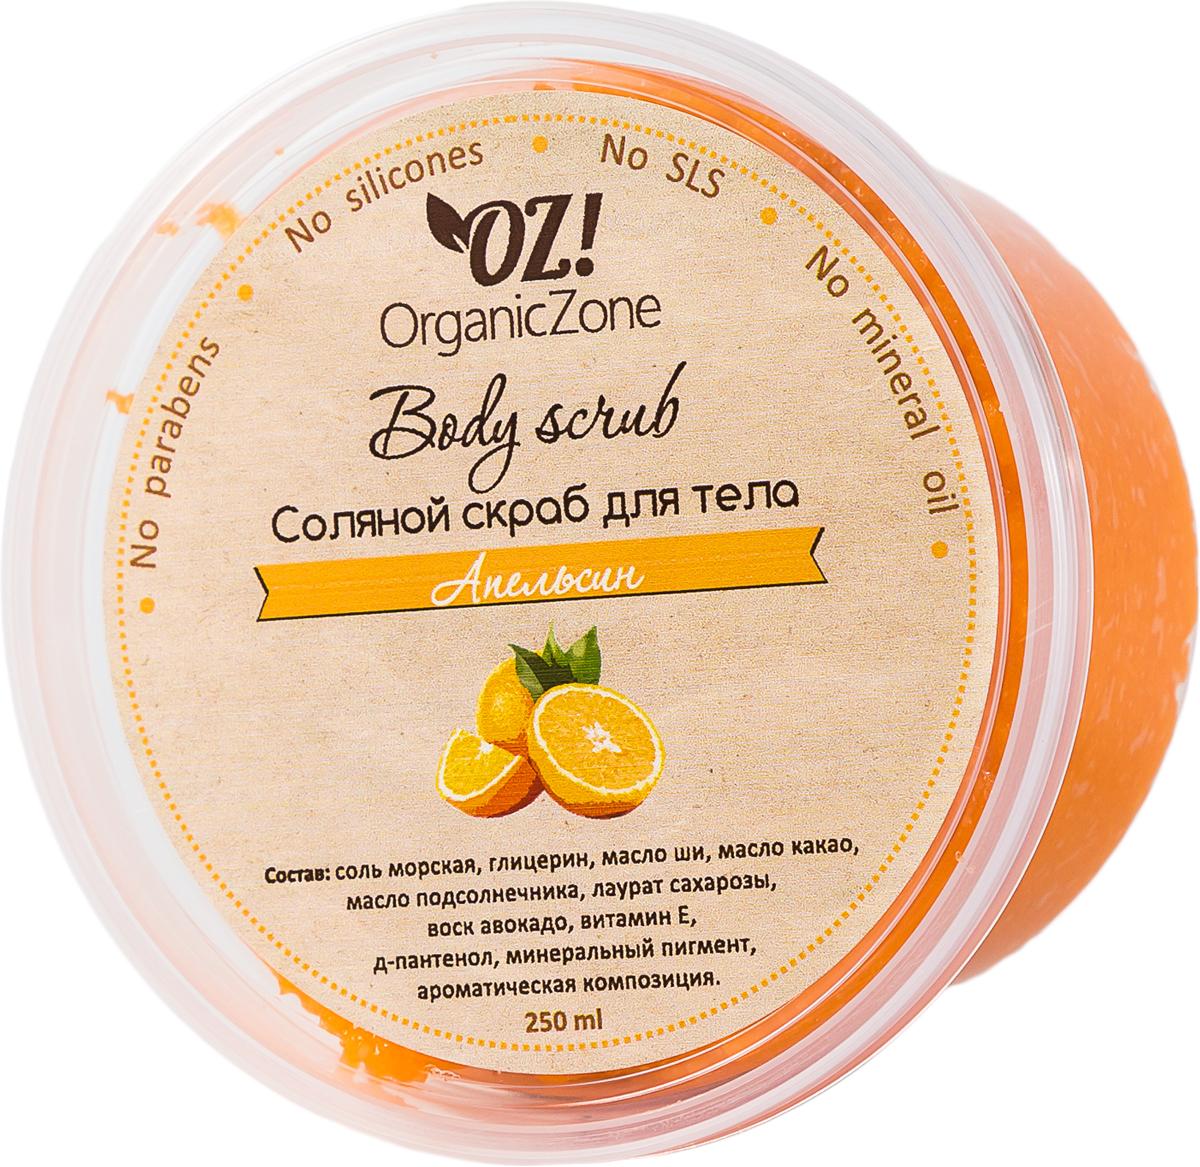 OrganicZone Соляной скраб для тела Апельсин, 250 мл4626018133859Бережно обновляет кожу, стимулирует микроциркуляцию. Масло ши, какао, оливковое масло смягчают и разглаживают кожу, делая ее мягкой и шелковистой. Д-пантенол и гель алоэ-вера интенсивно увлажняют, защищая кожу от пересушивания.